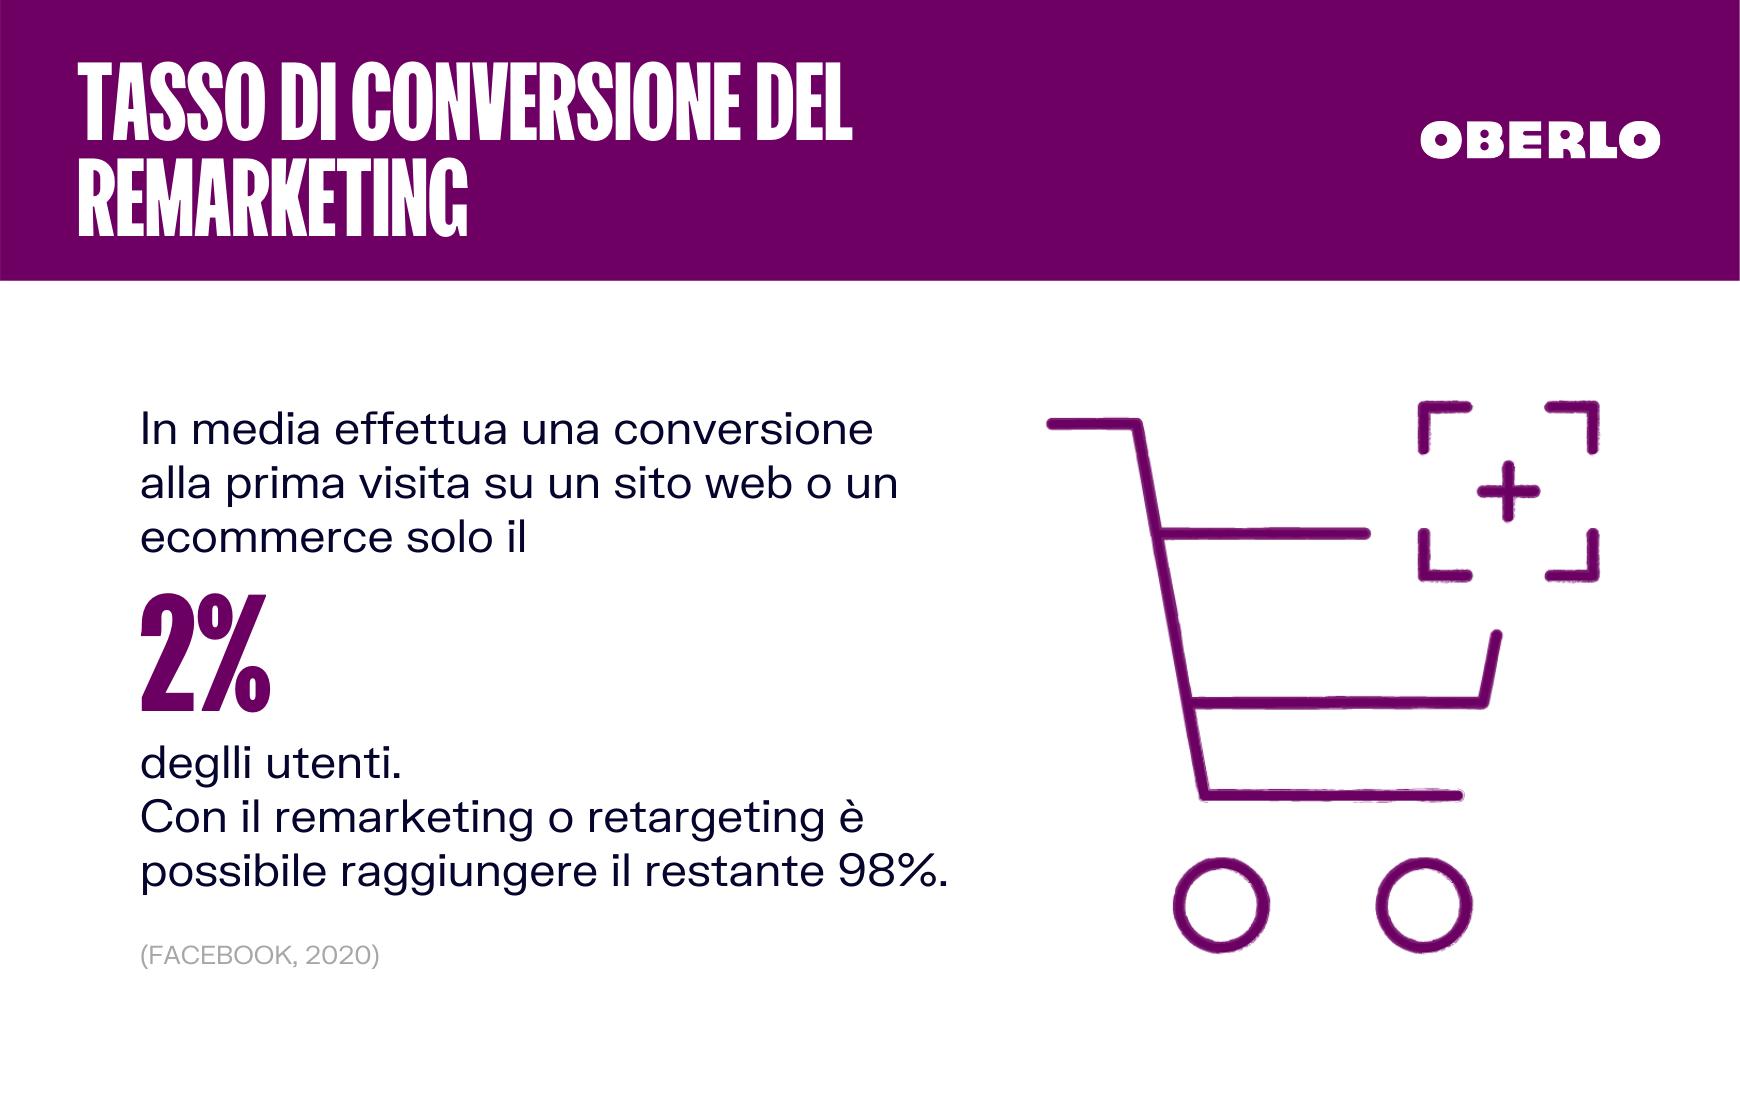 tasso di conversione remarketing